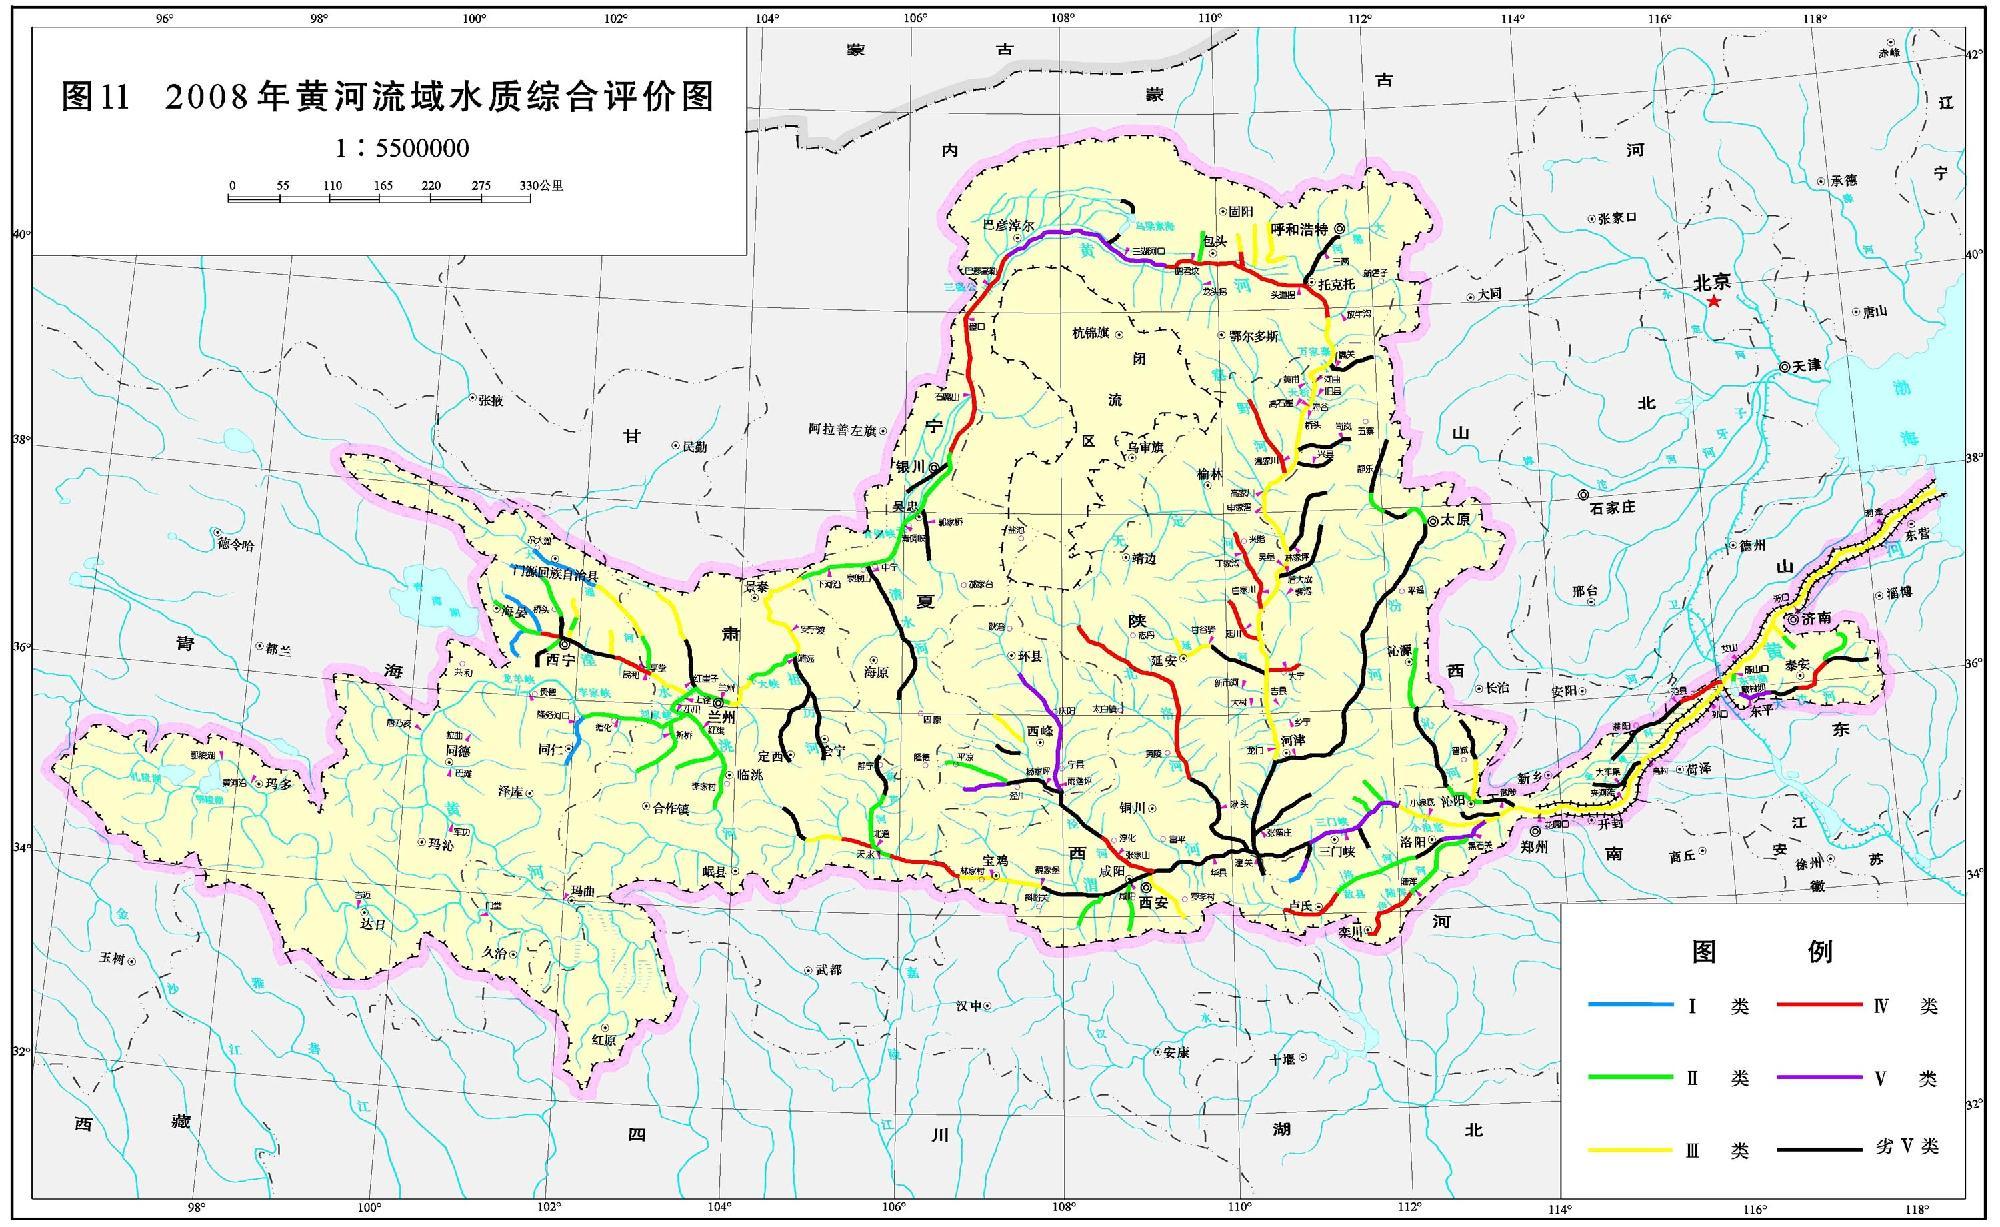 黄河流域全图